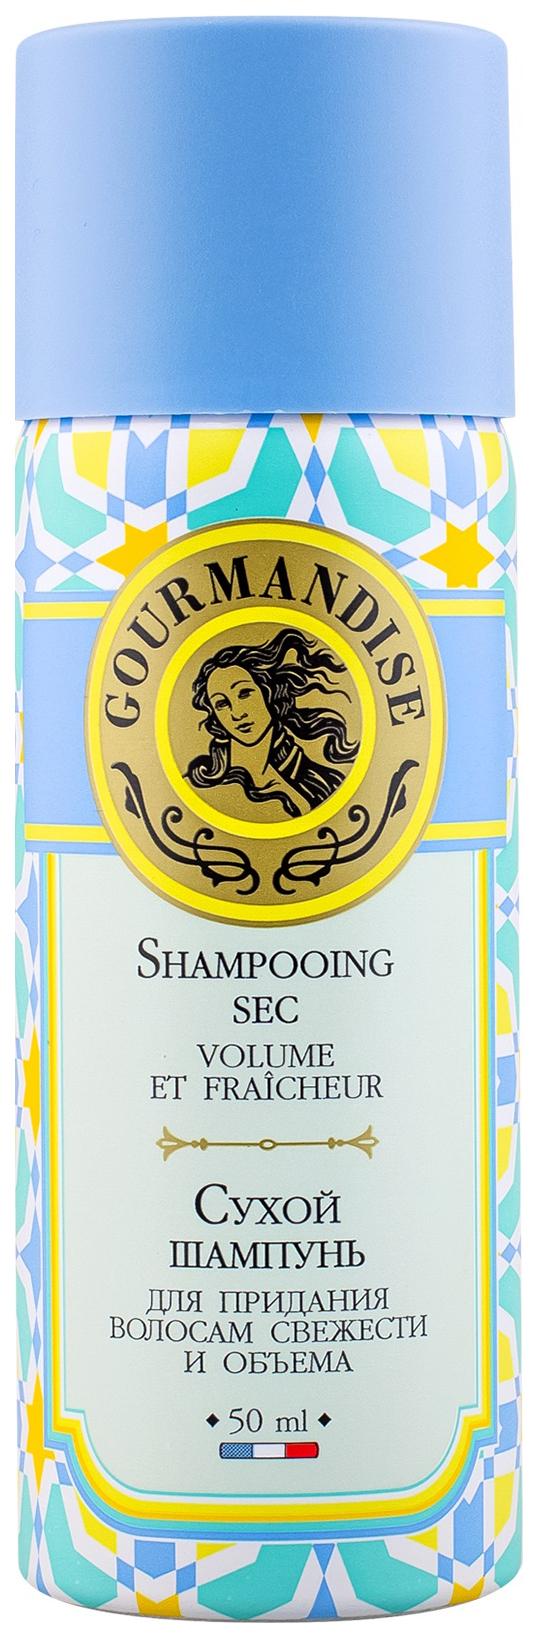 Шампунь Gourmandise Shampooing Sec Volume Et Fraicheur 50 мл